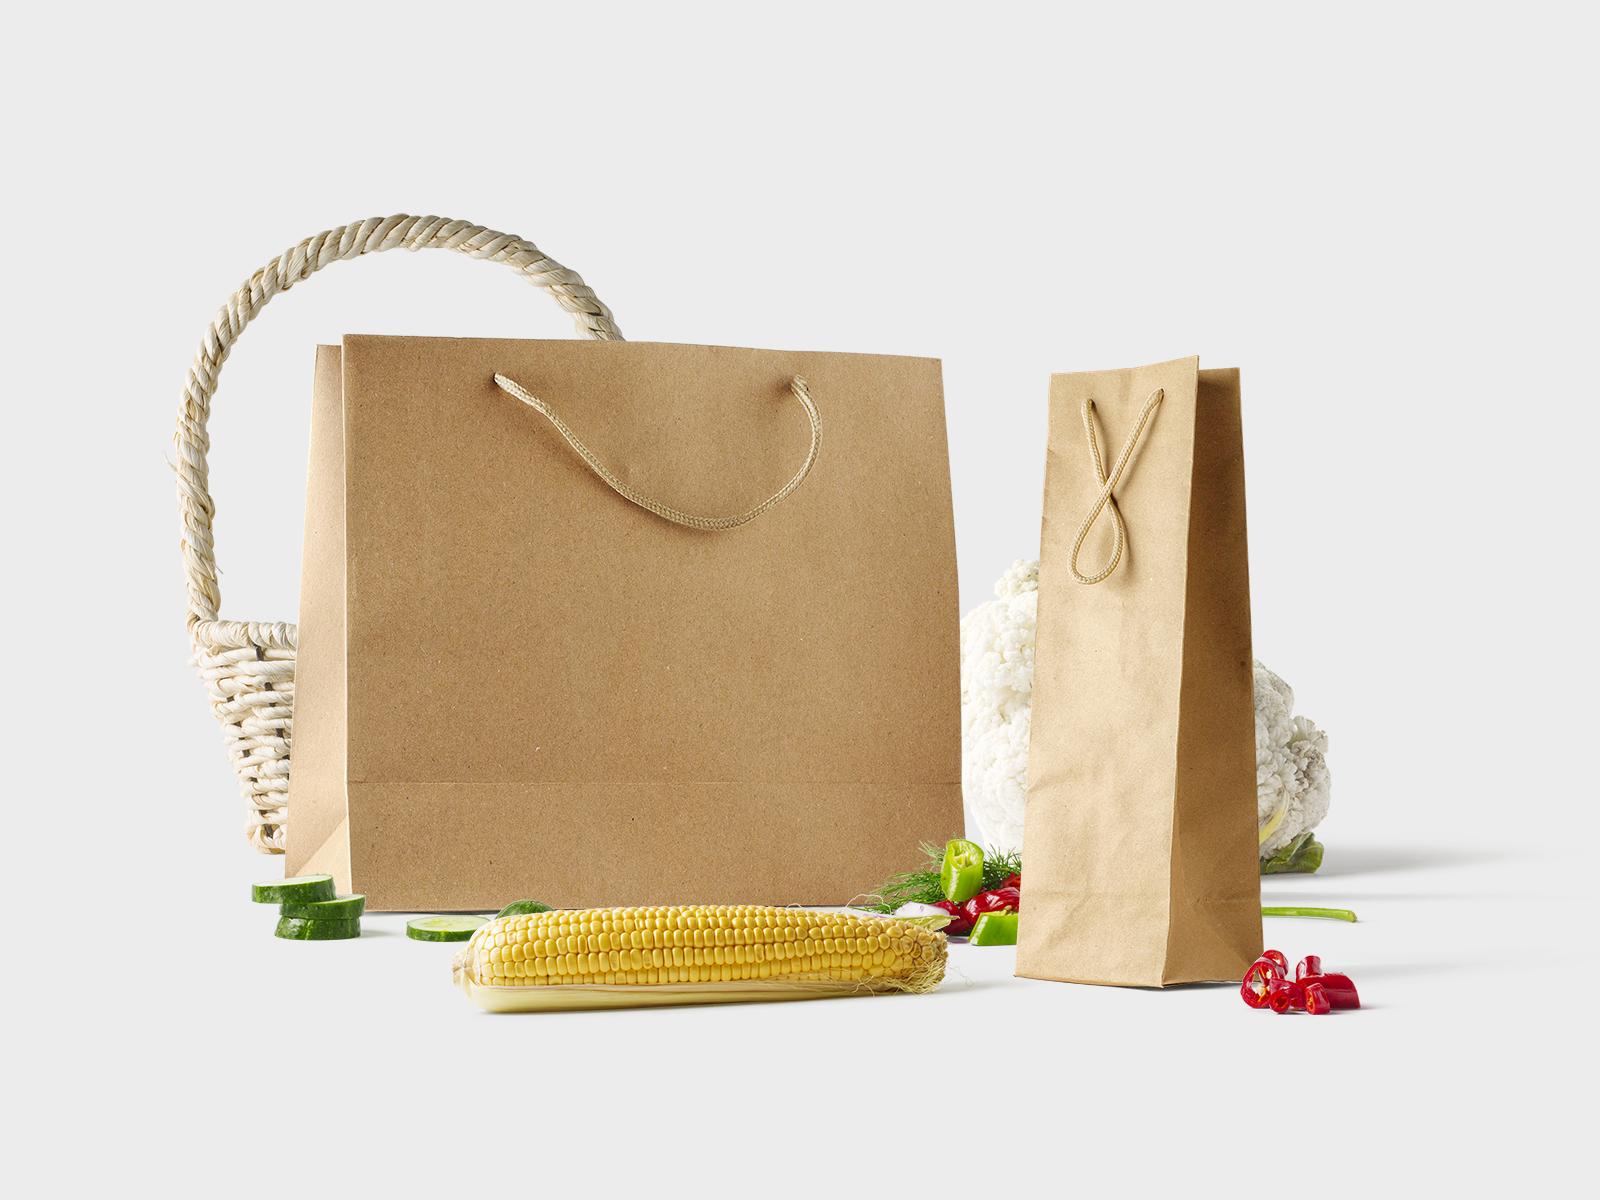 Free Groceries Bags Mockup